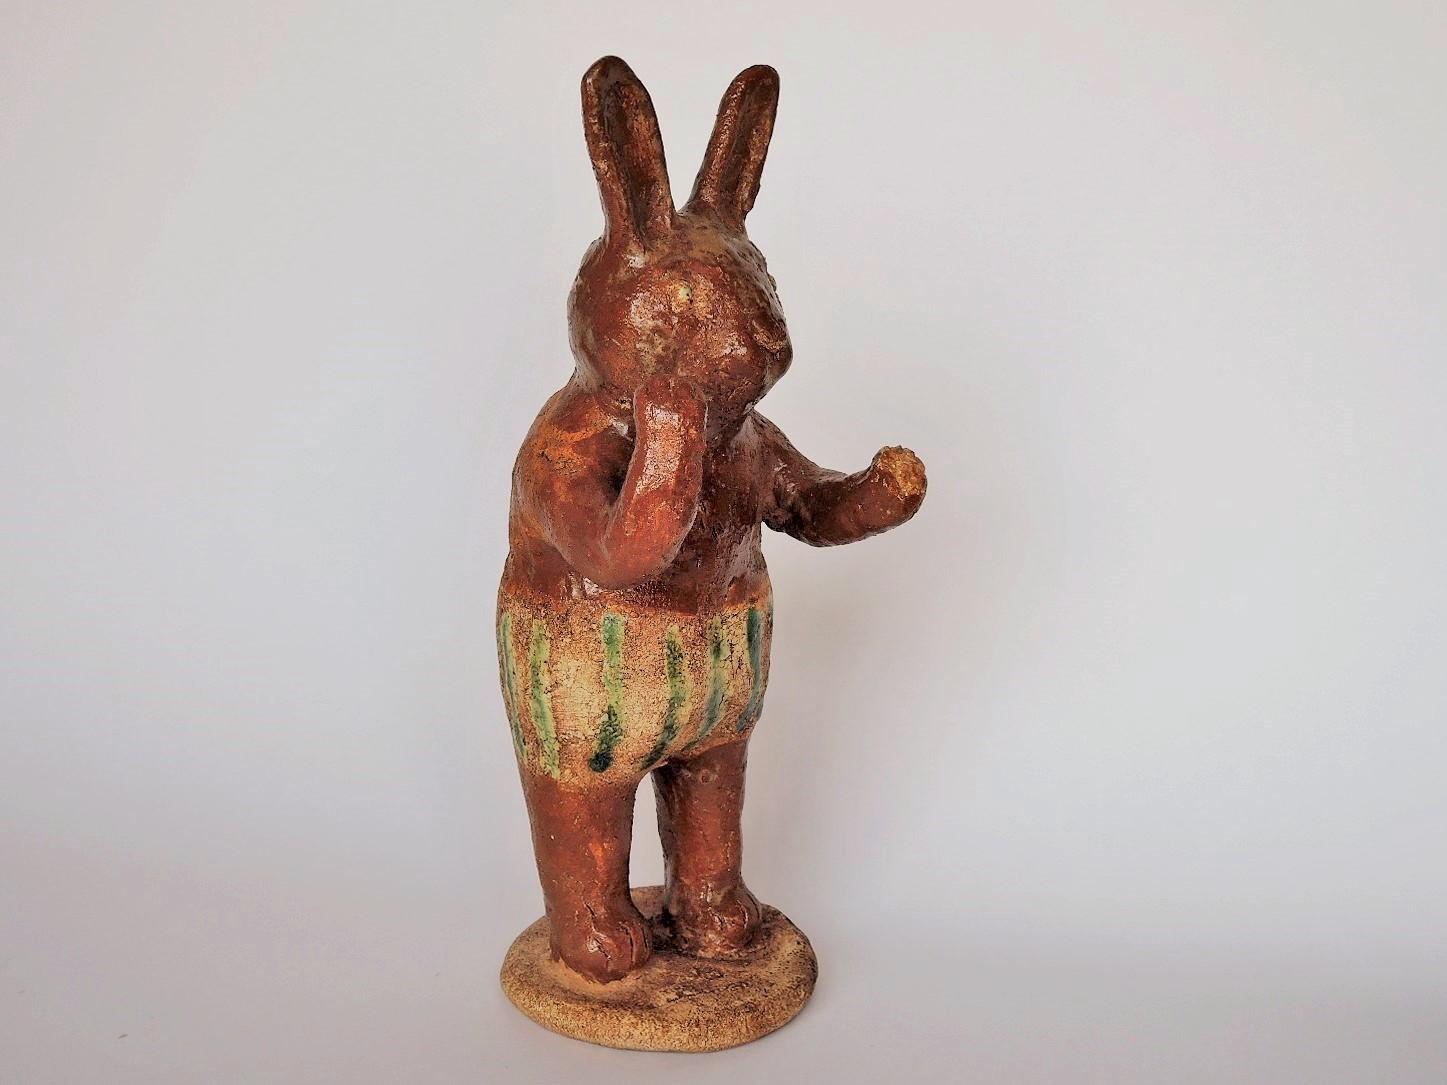 濱比嘉詩子さんの陶人形 森の仲間 ウサギ